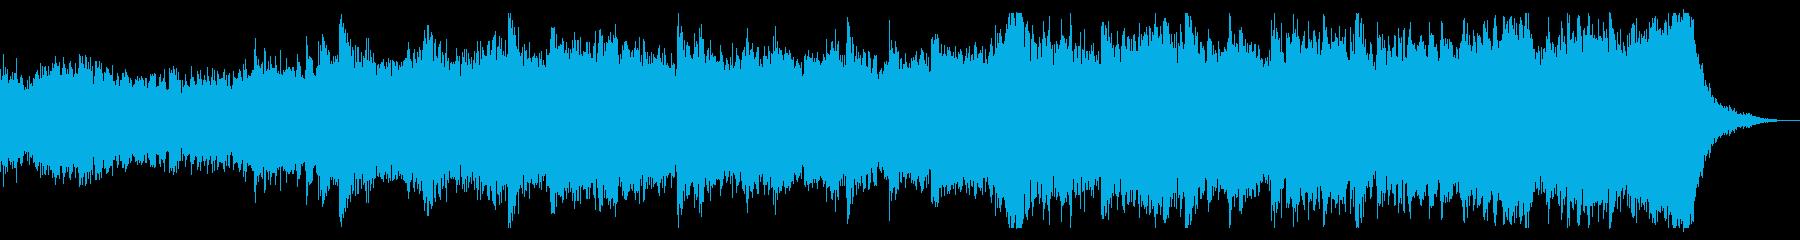 Mysterious Power60声無の再生済みの波形